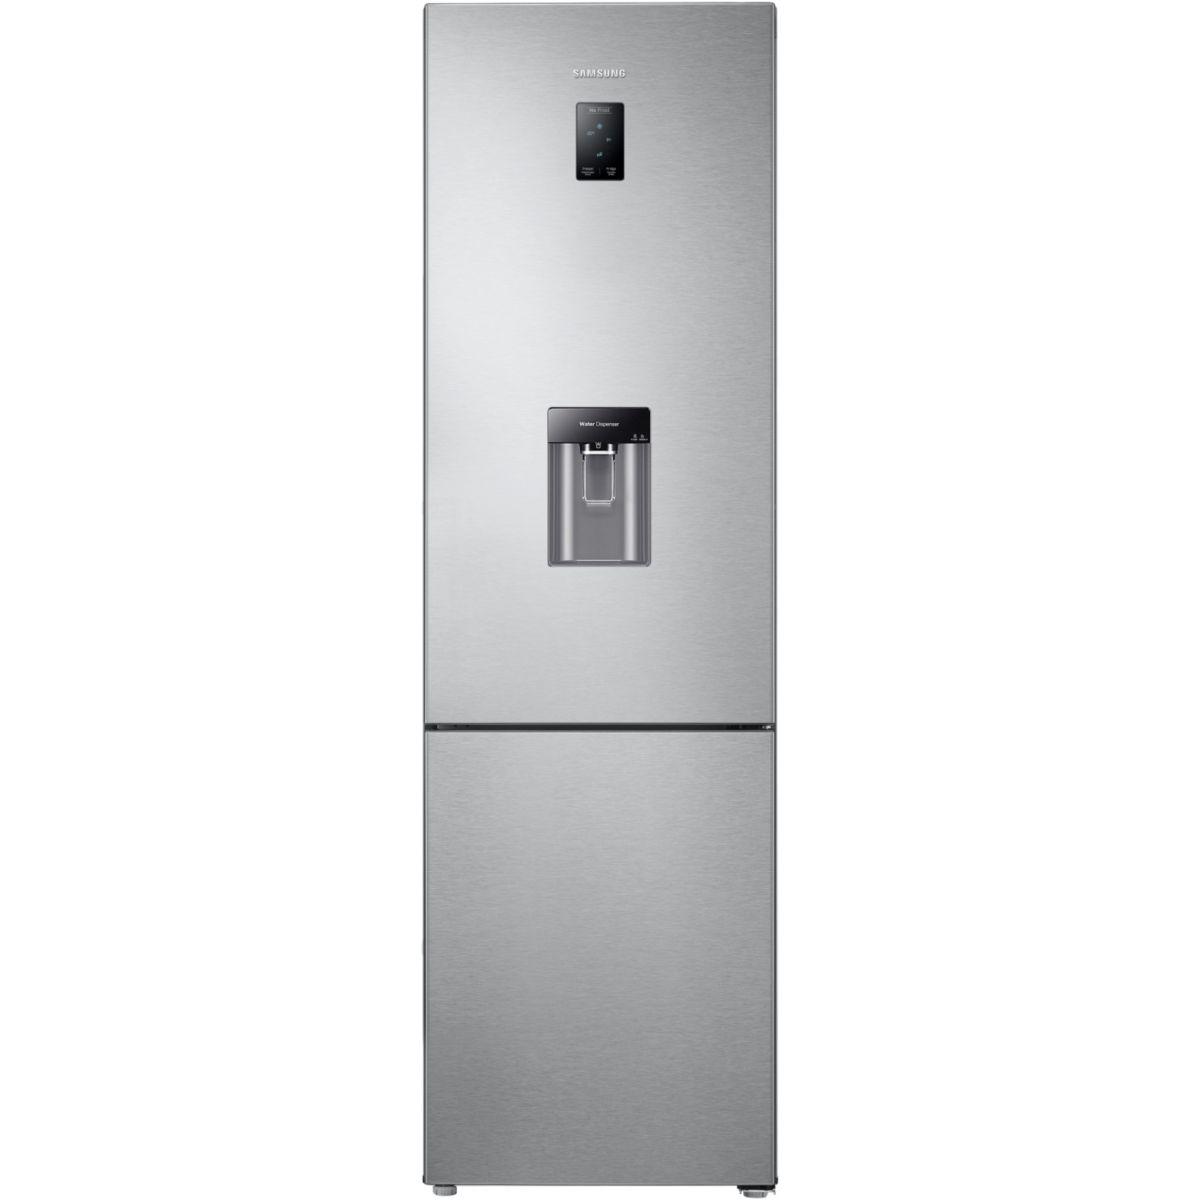 Réfrigérateur combiné SAMSUNG RB37J5820SA